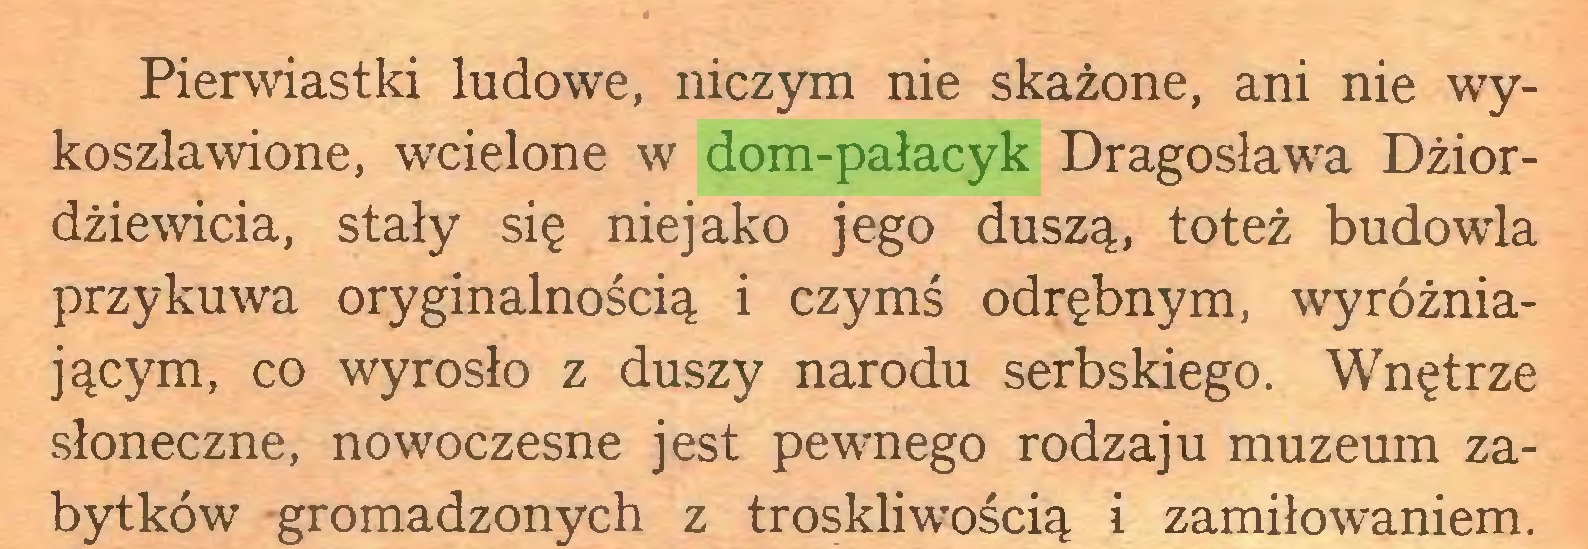 (...) Pierwiastki ludowe, niczym nie skażone, ani nie wykoszlawione, wcielone w dom-pałacyk Dragosława Dżiordżiewicia, stały się niejako jego duszą, toteż budowla przykuwa oryginalnością i czymś odrębnym, wyróżniającym, co wyrosło z duszy narodu serbskiego. Wnętrze słoneczne, nowoczesne jest pewnego rodzaju muzeum zabytków gromadzonych z troskliwością i zamiłowaniem...